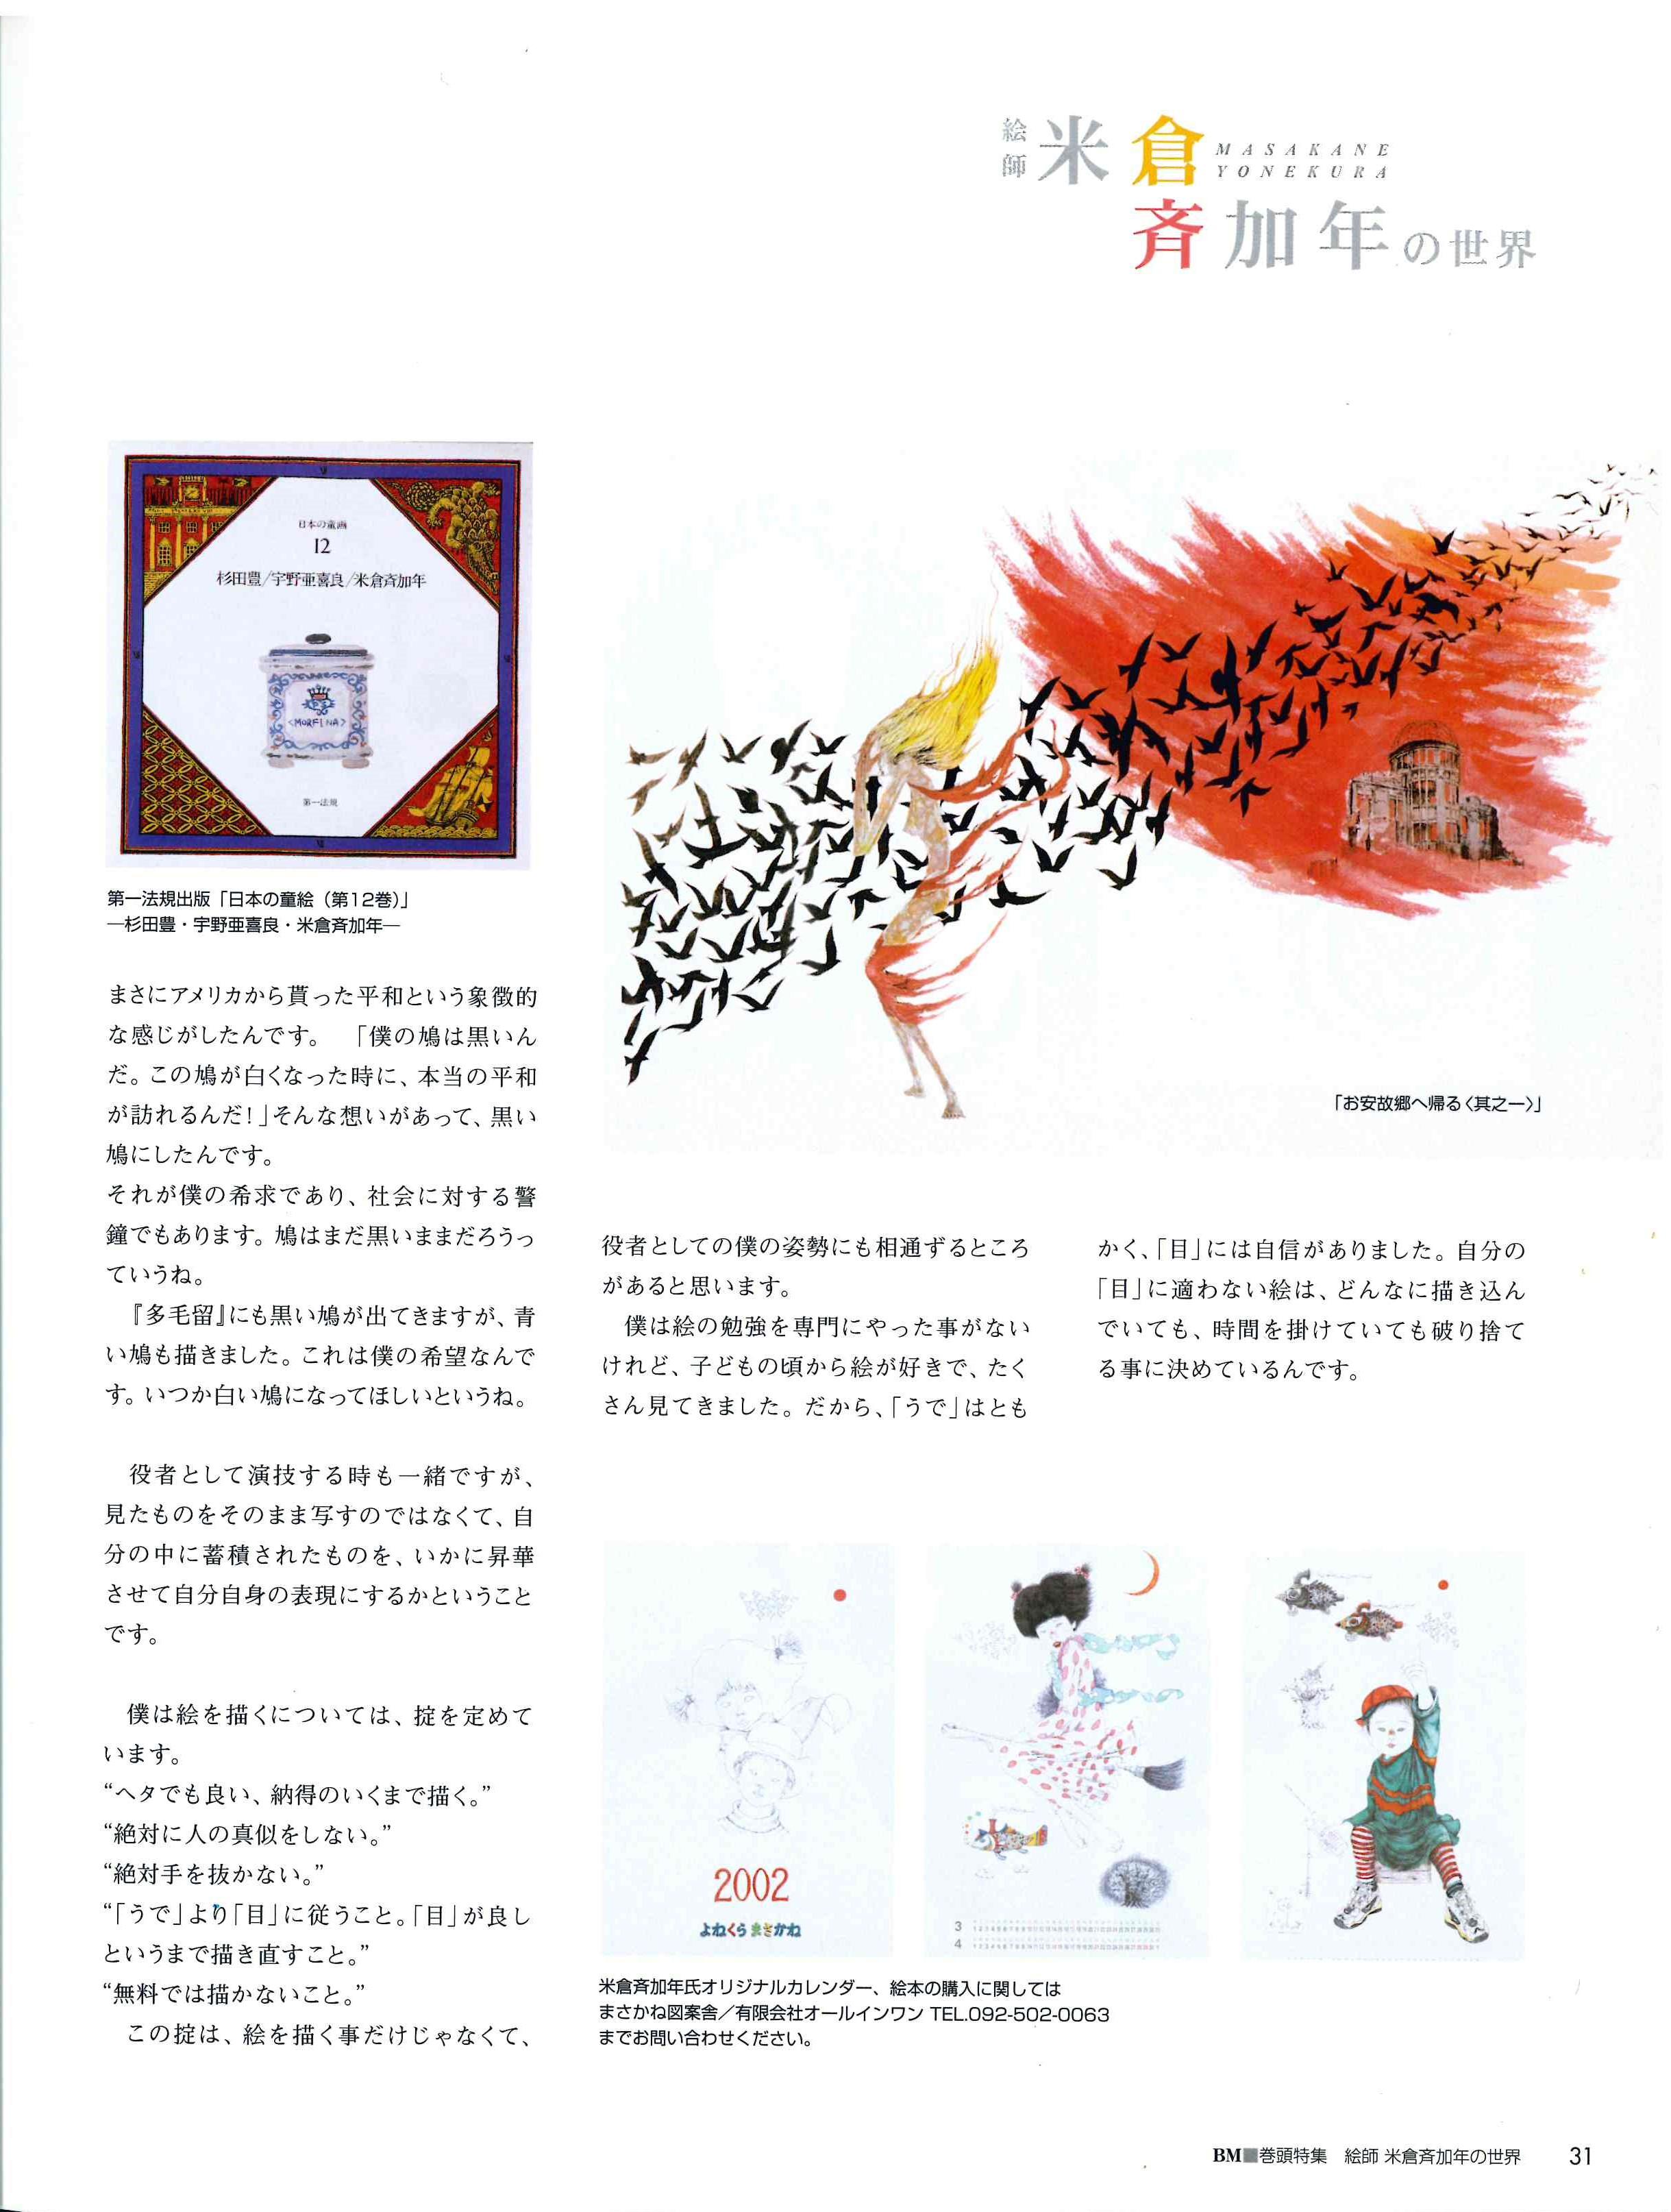 BM-美術の杜 vol.10 | 2006.10 - 27